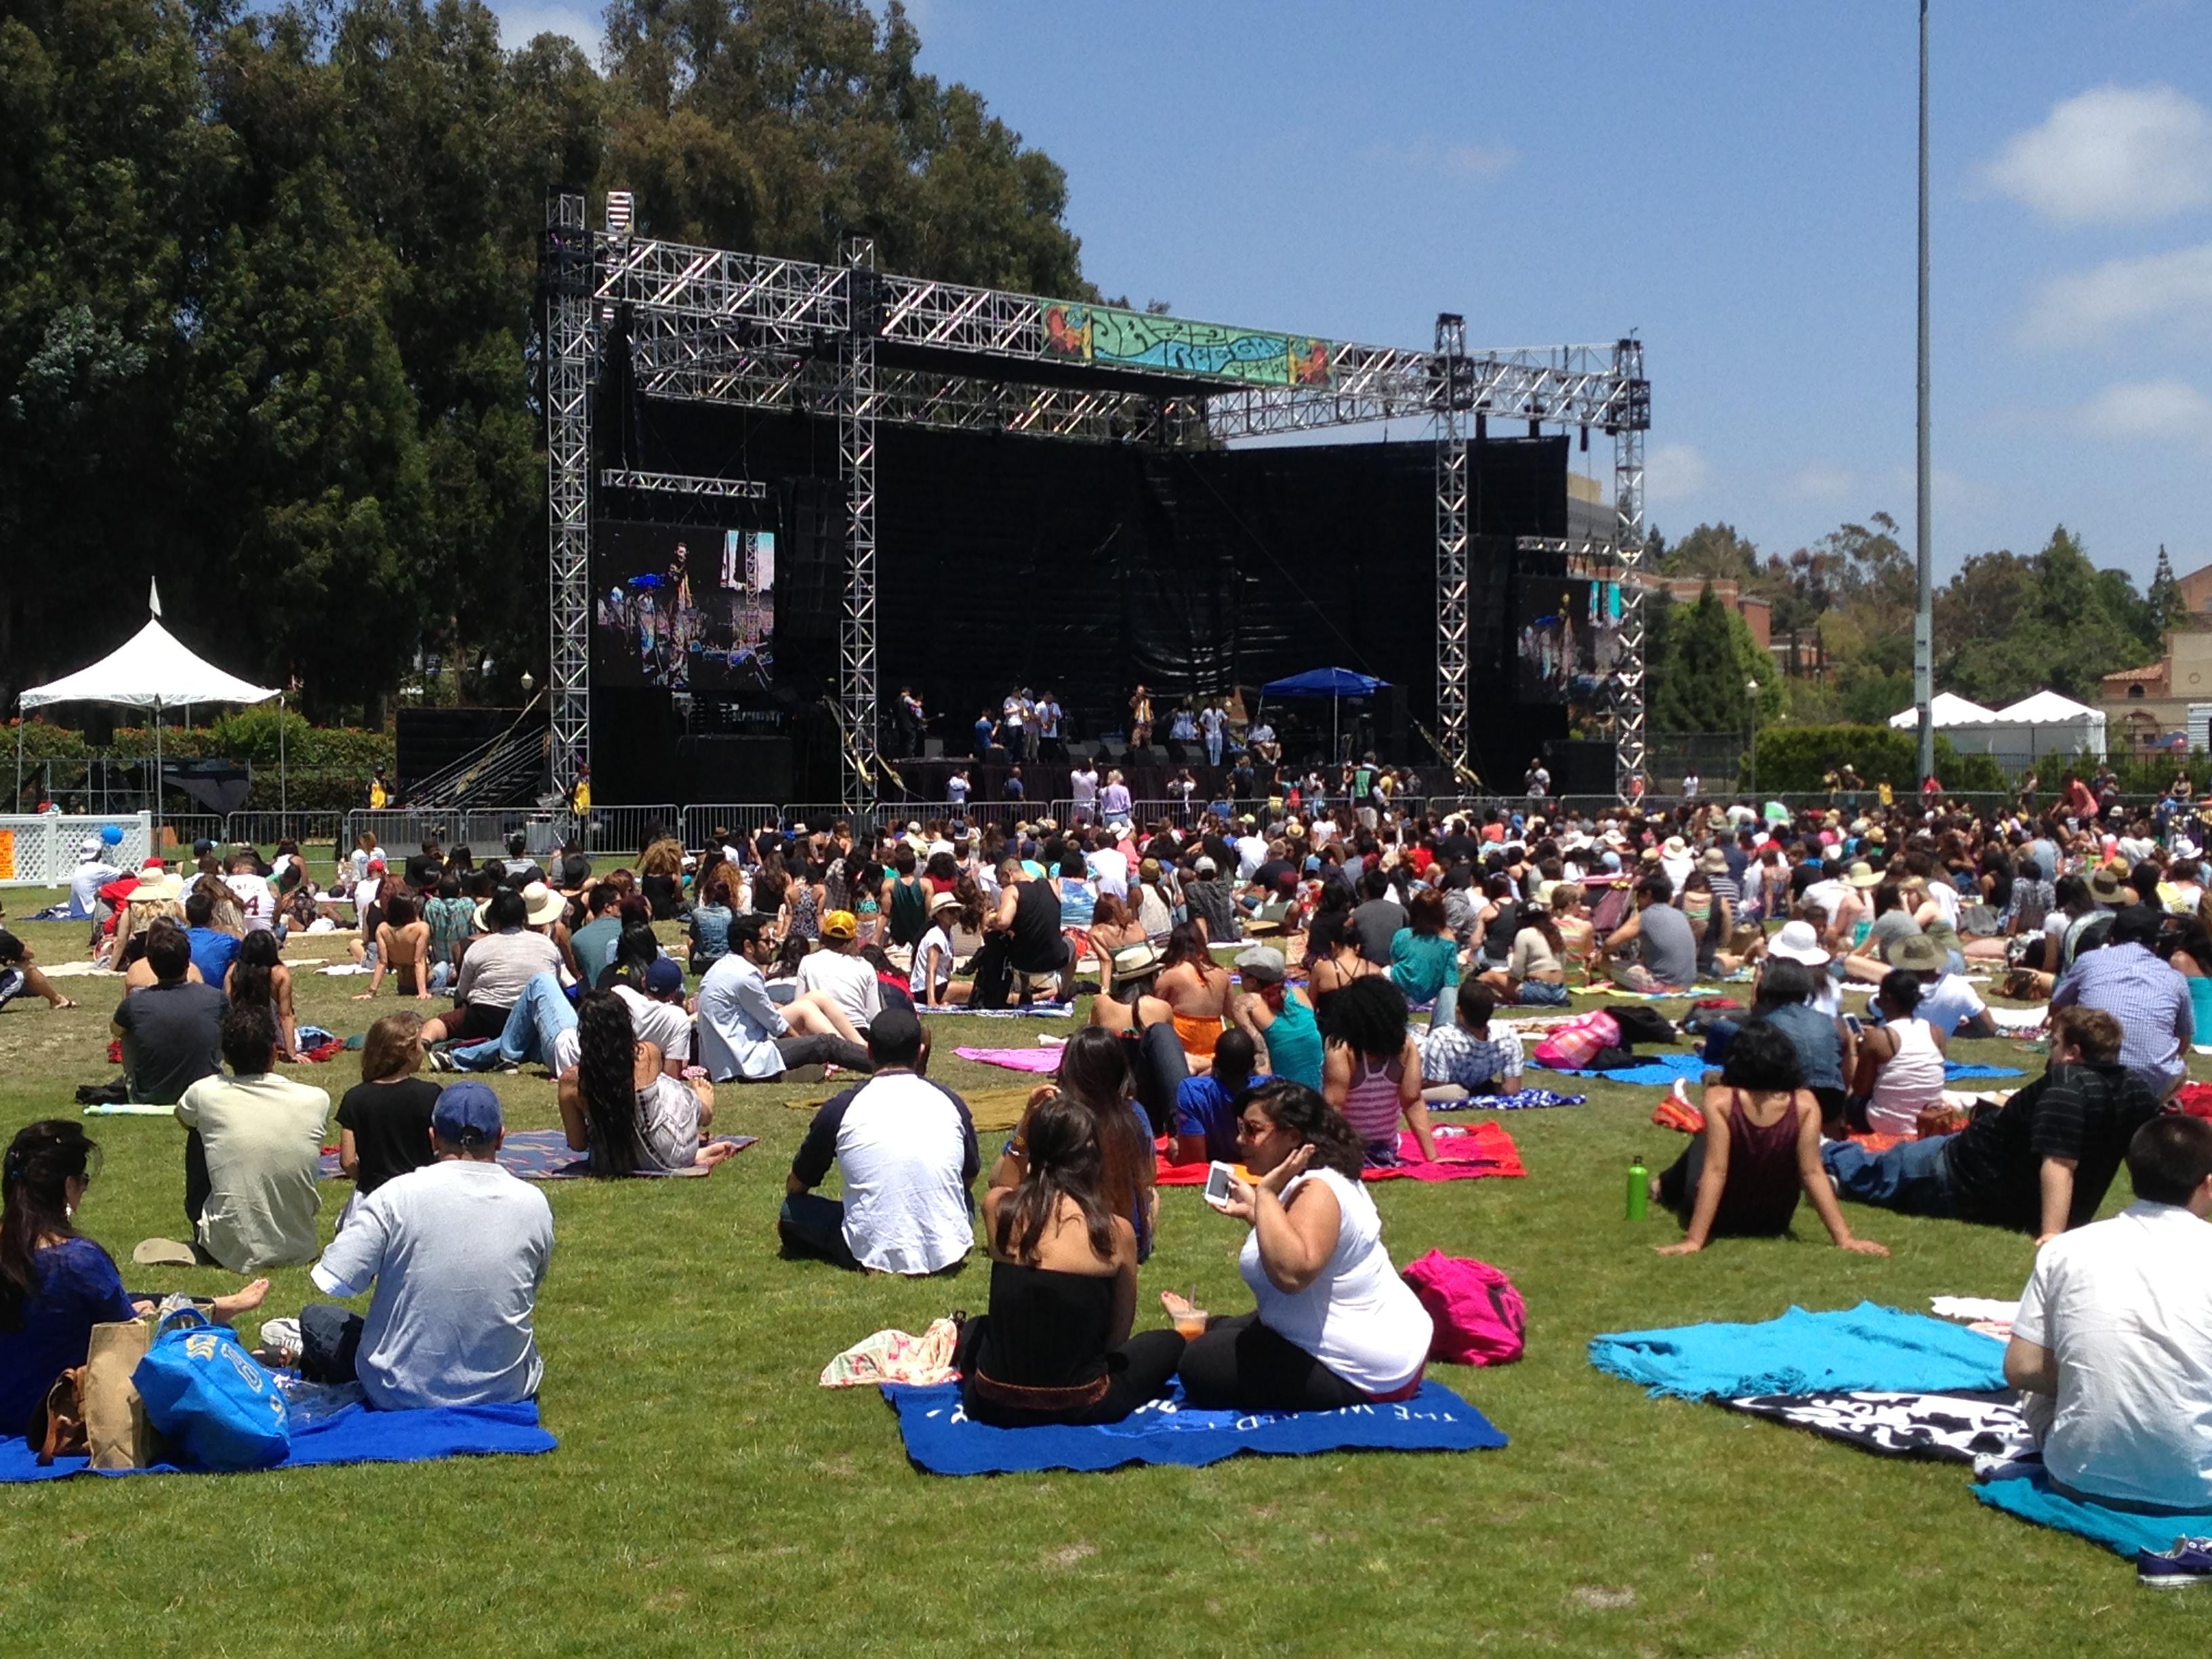 UCLA JazzReggae Festival 2013 (Jam Day May 26, 2013)